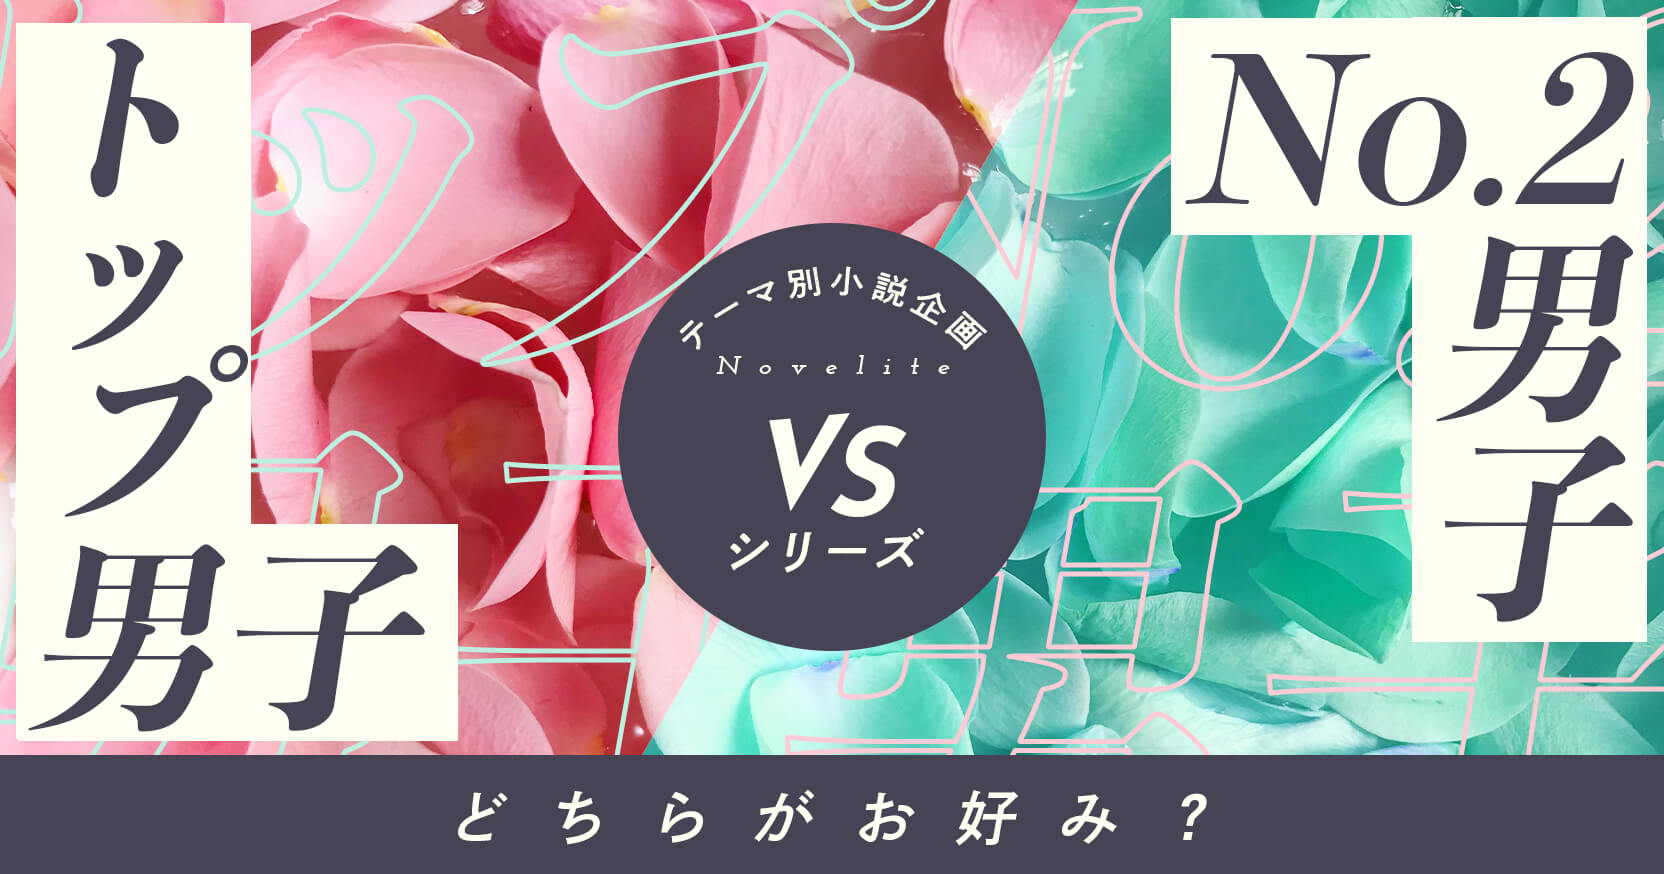 テーマ別小説企画Novelite テーマ「トップ男子 vs No.2男子」